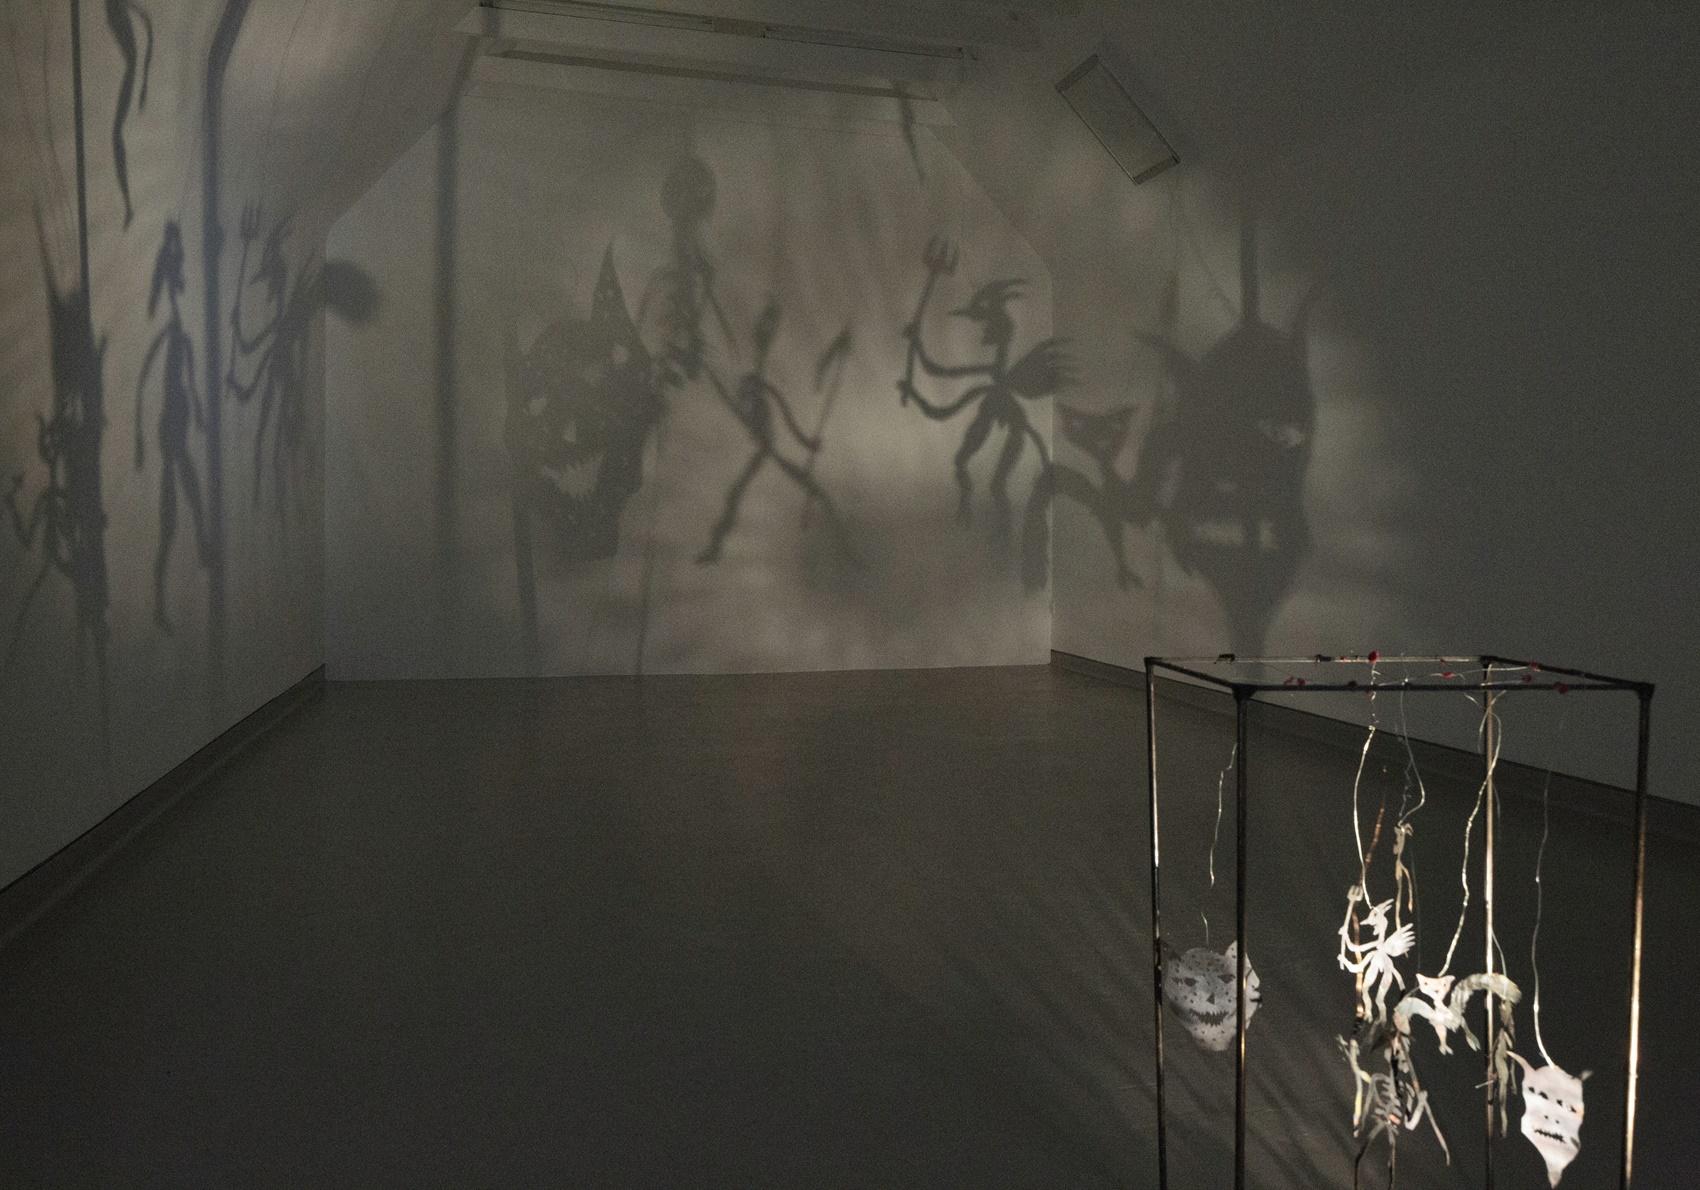 Christian Boltanski: Theatre D'ombres